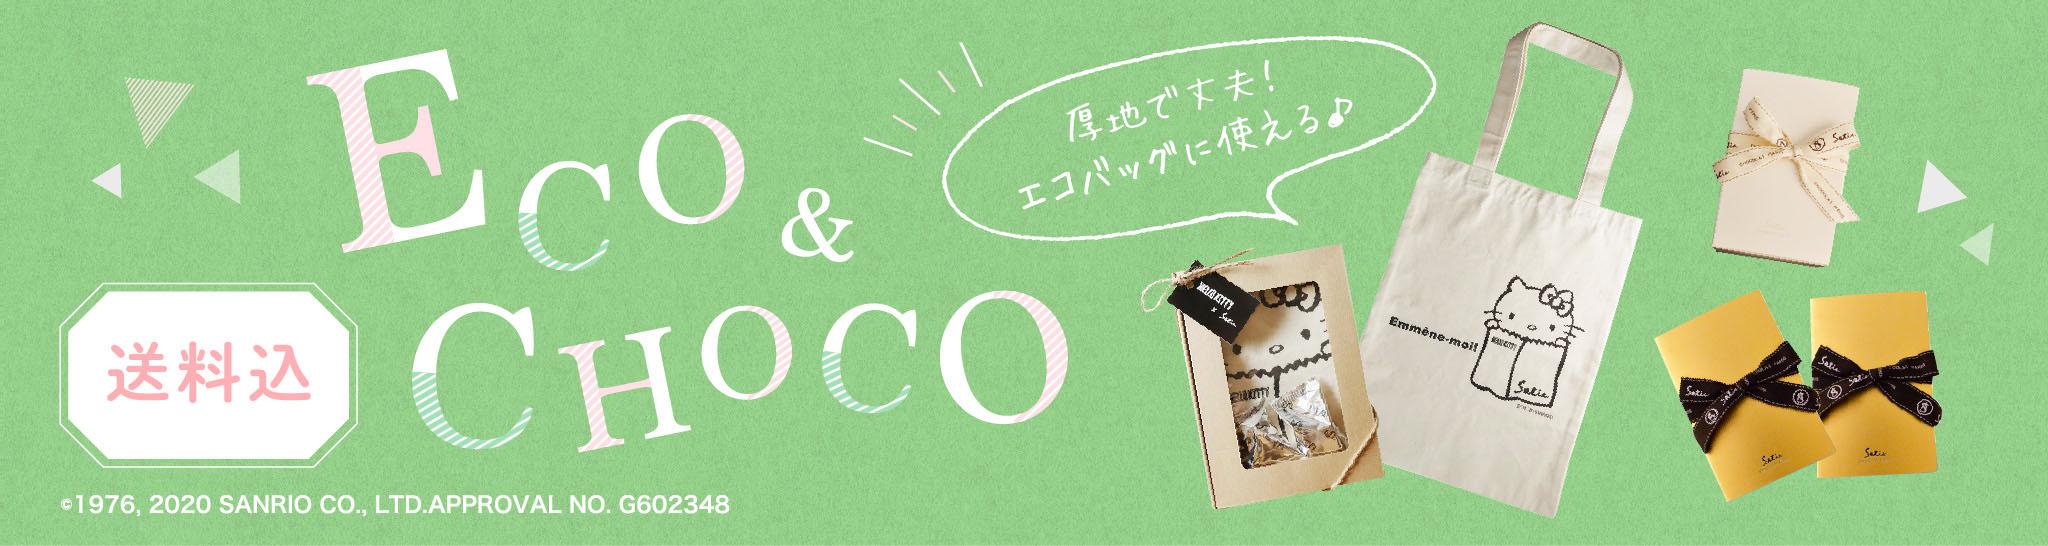 ECO & CHOCO アムネ・モア